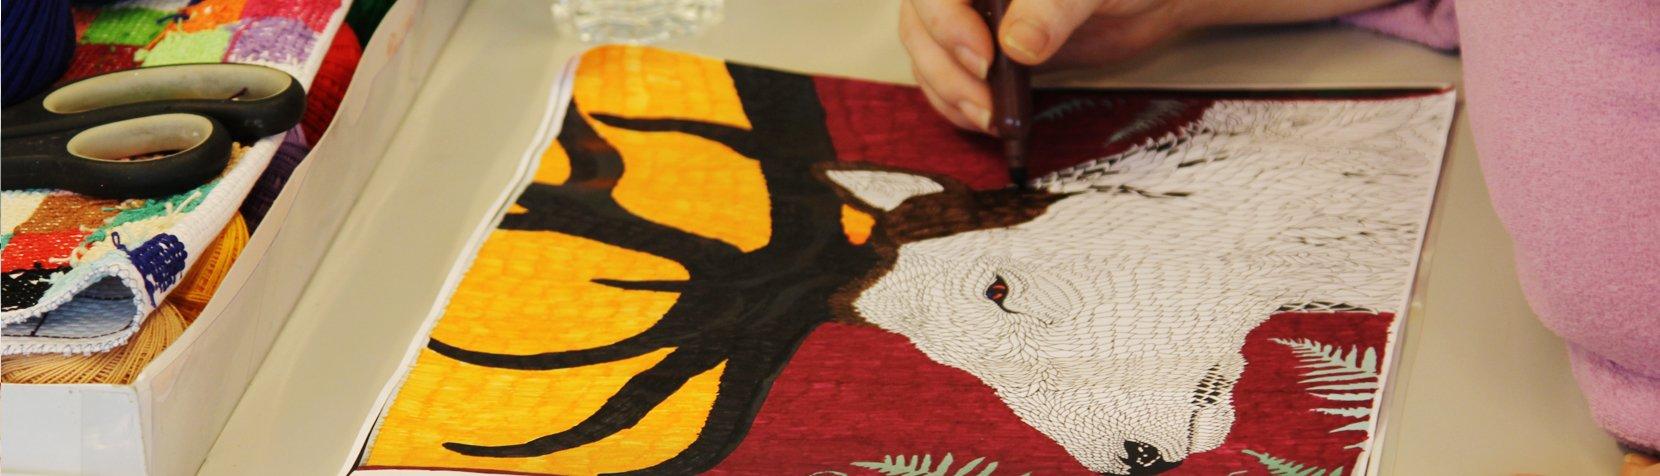 En af brugerne i Kreativ produktion er ved at færdiggøre en tegning af en kronhjort